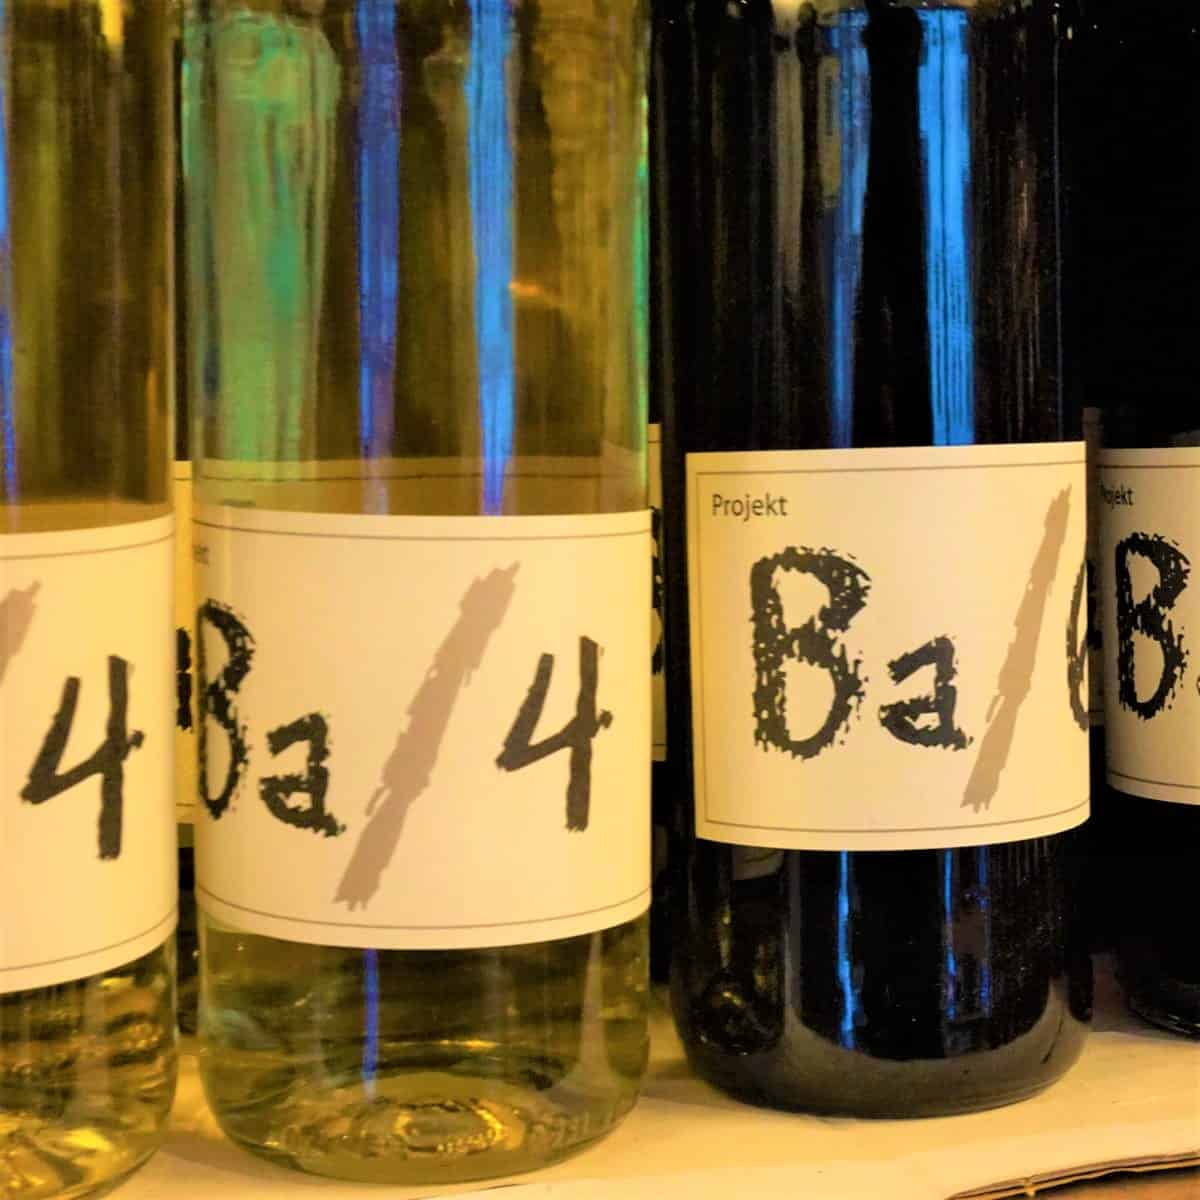 Style Hannover Weinkonsum 3 1 - Weinkonsum: Jetzt selbst StammkundIn werden